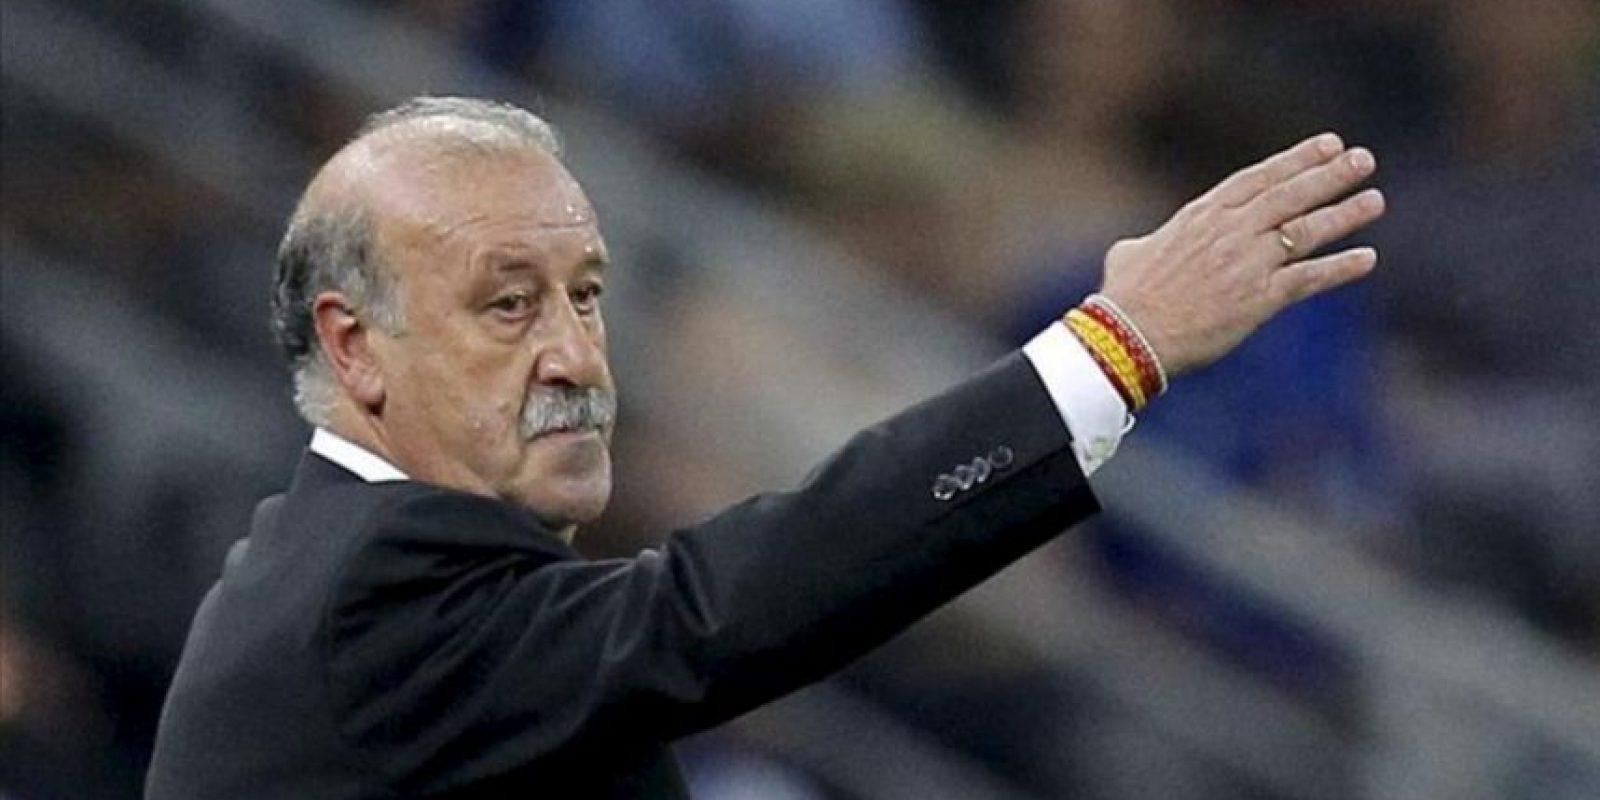 El técnico de España, Vicente del Bosque, da indicaciones a sus jugadores ante Francia durante el encuentro de cuartos de final de la Eurocopa 2012 entre las selecciones de España y Francia en Donetsk (Ucrania). EFE